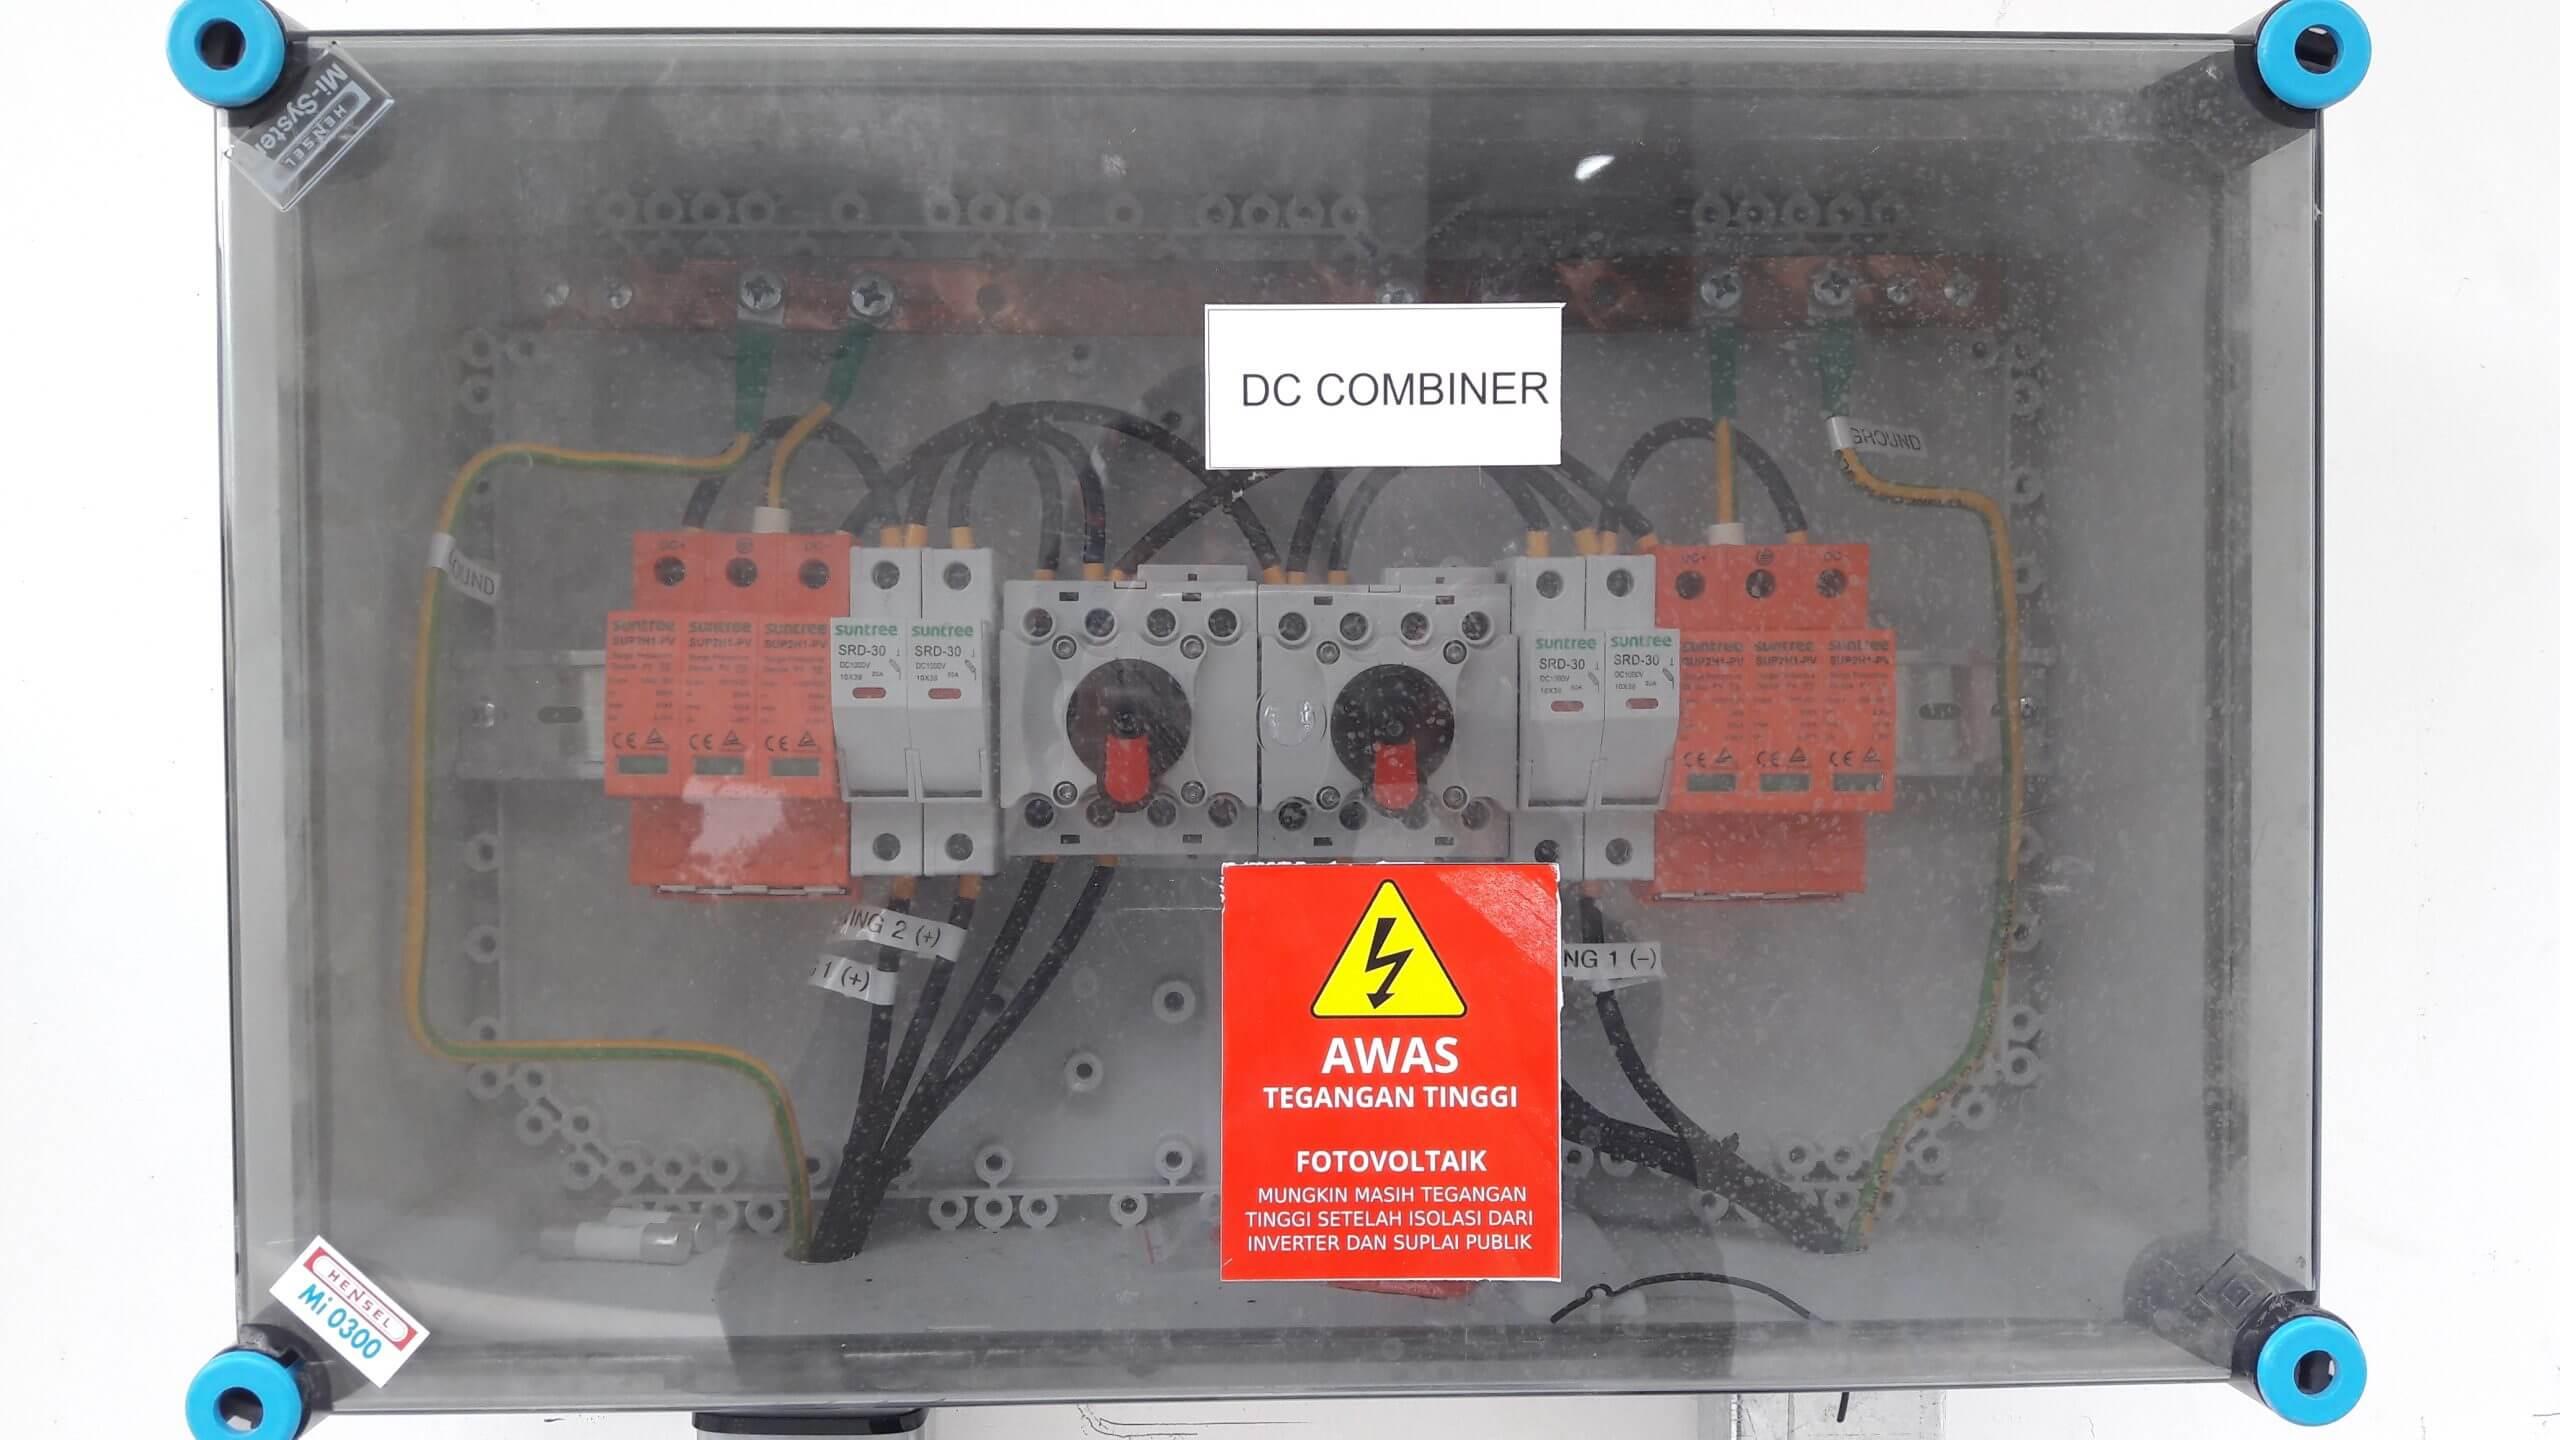 Paket DC combiner